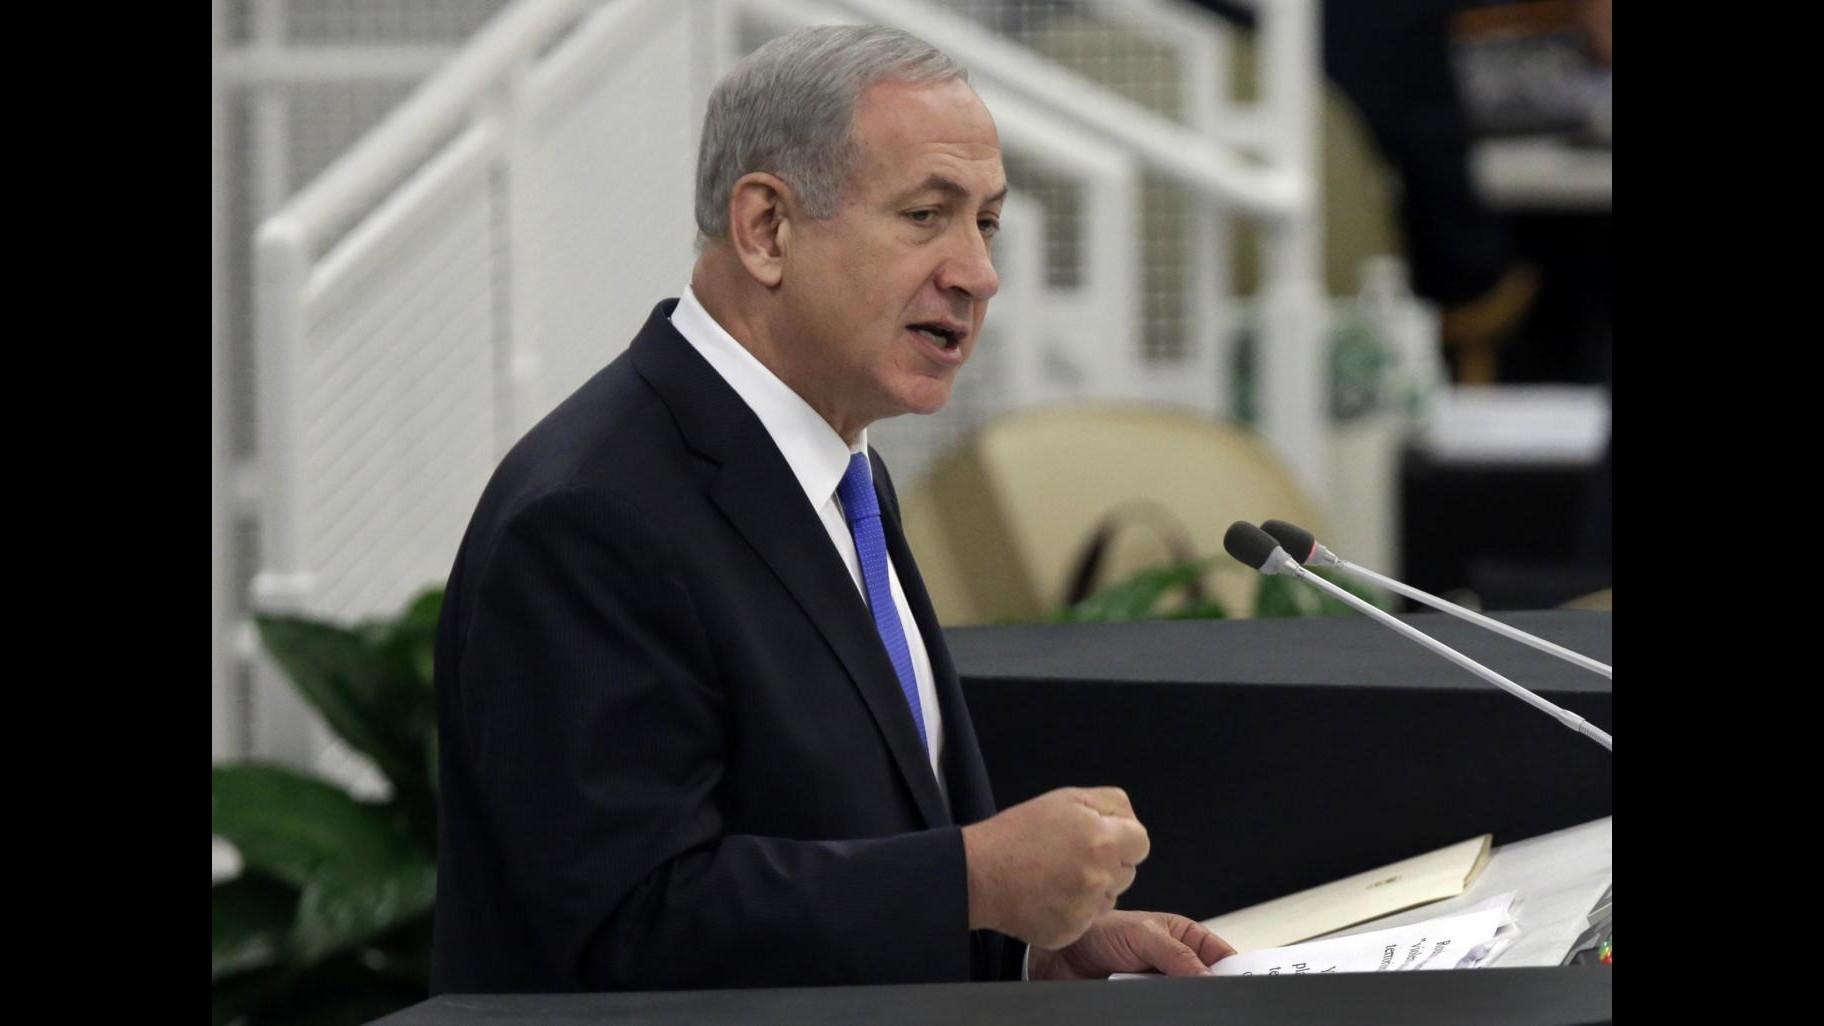 Medioriente, attesa risoluzione palestinese all'Onu. Netanyahu: No ai diktat